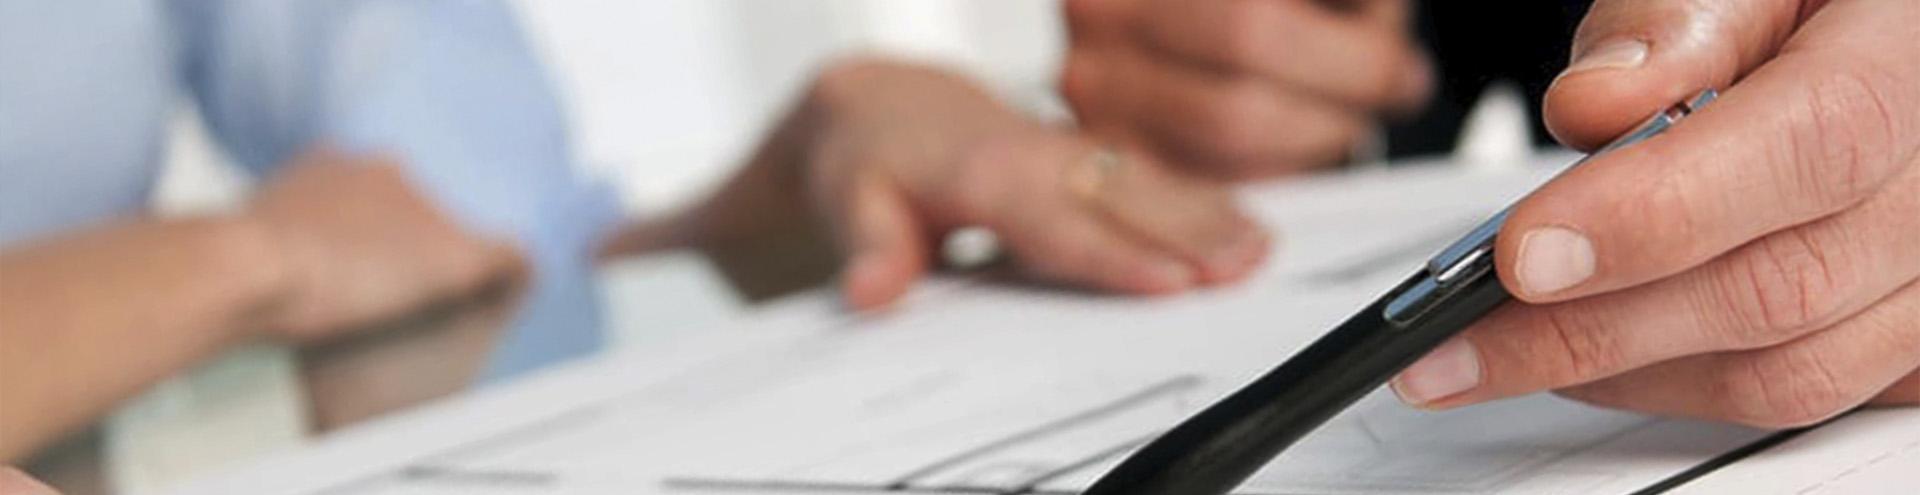 реструктуризация долга по кредиту в Липецке и Липецкой области